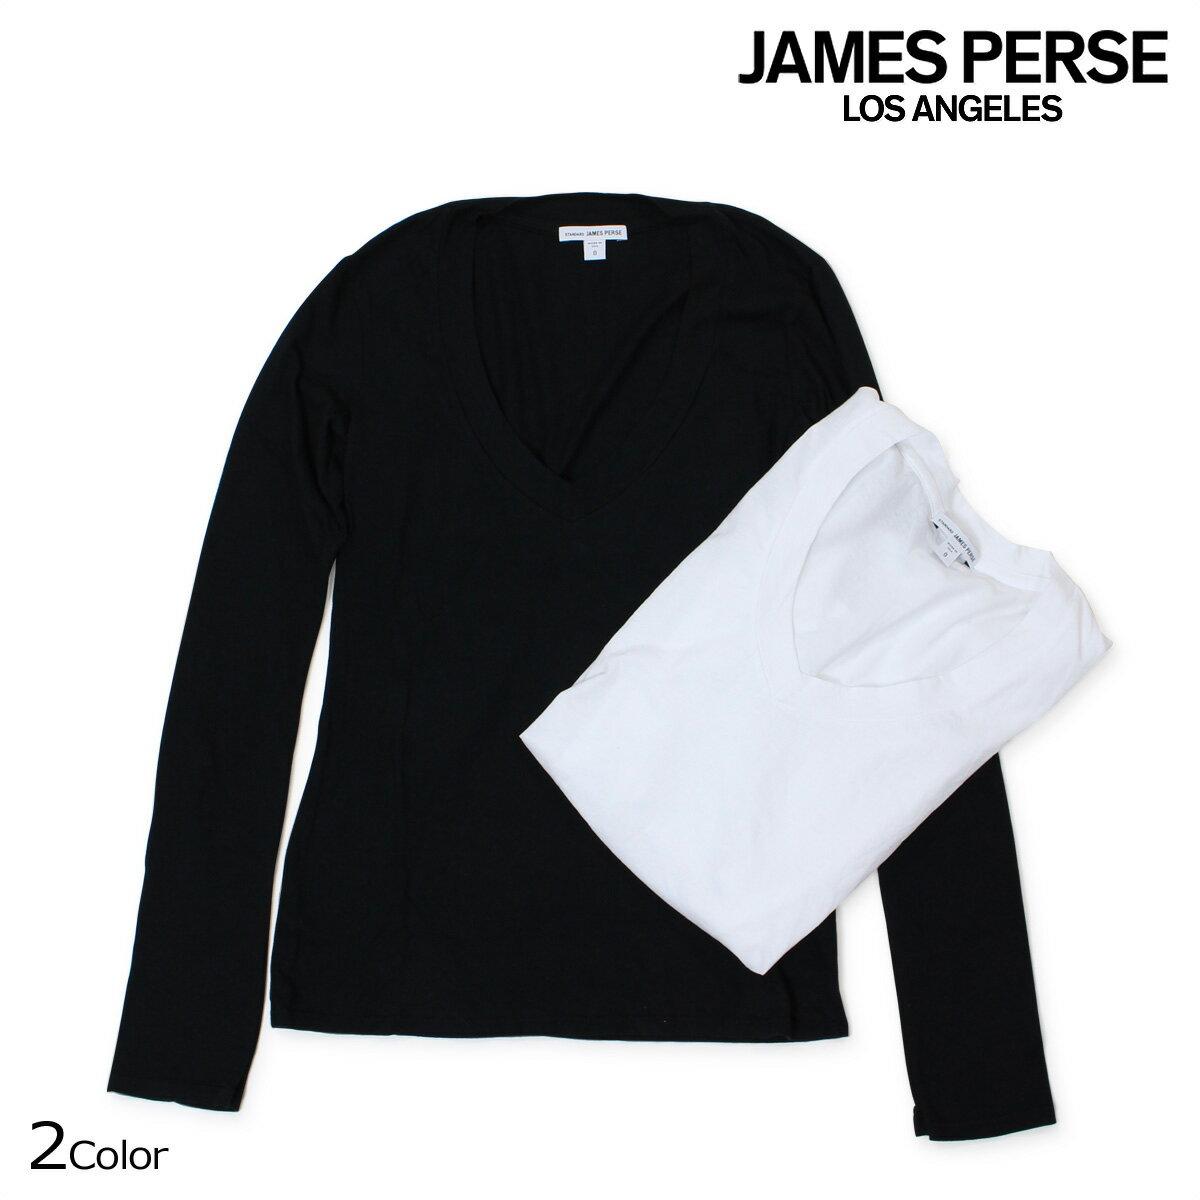 ジェームスパース JAMES PERSE Tシャツ レディース トップス ロンT カットソー L/S RELAXED CASUAL V-NECK